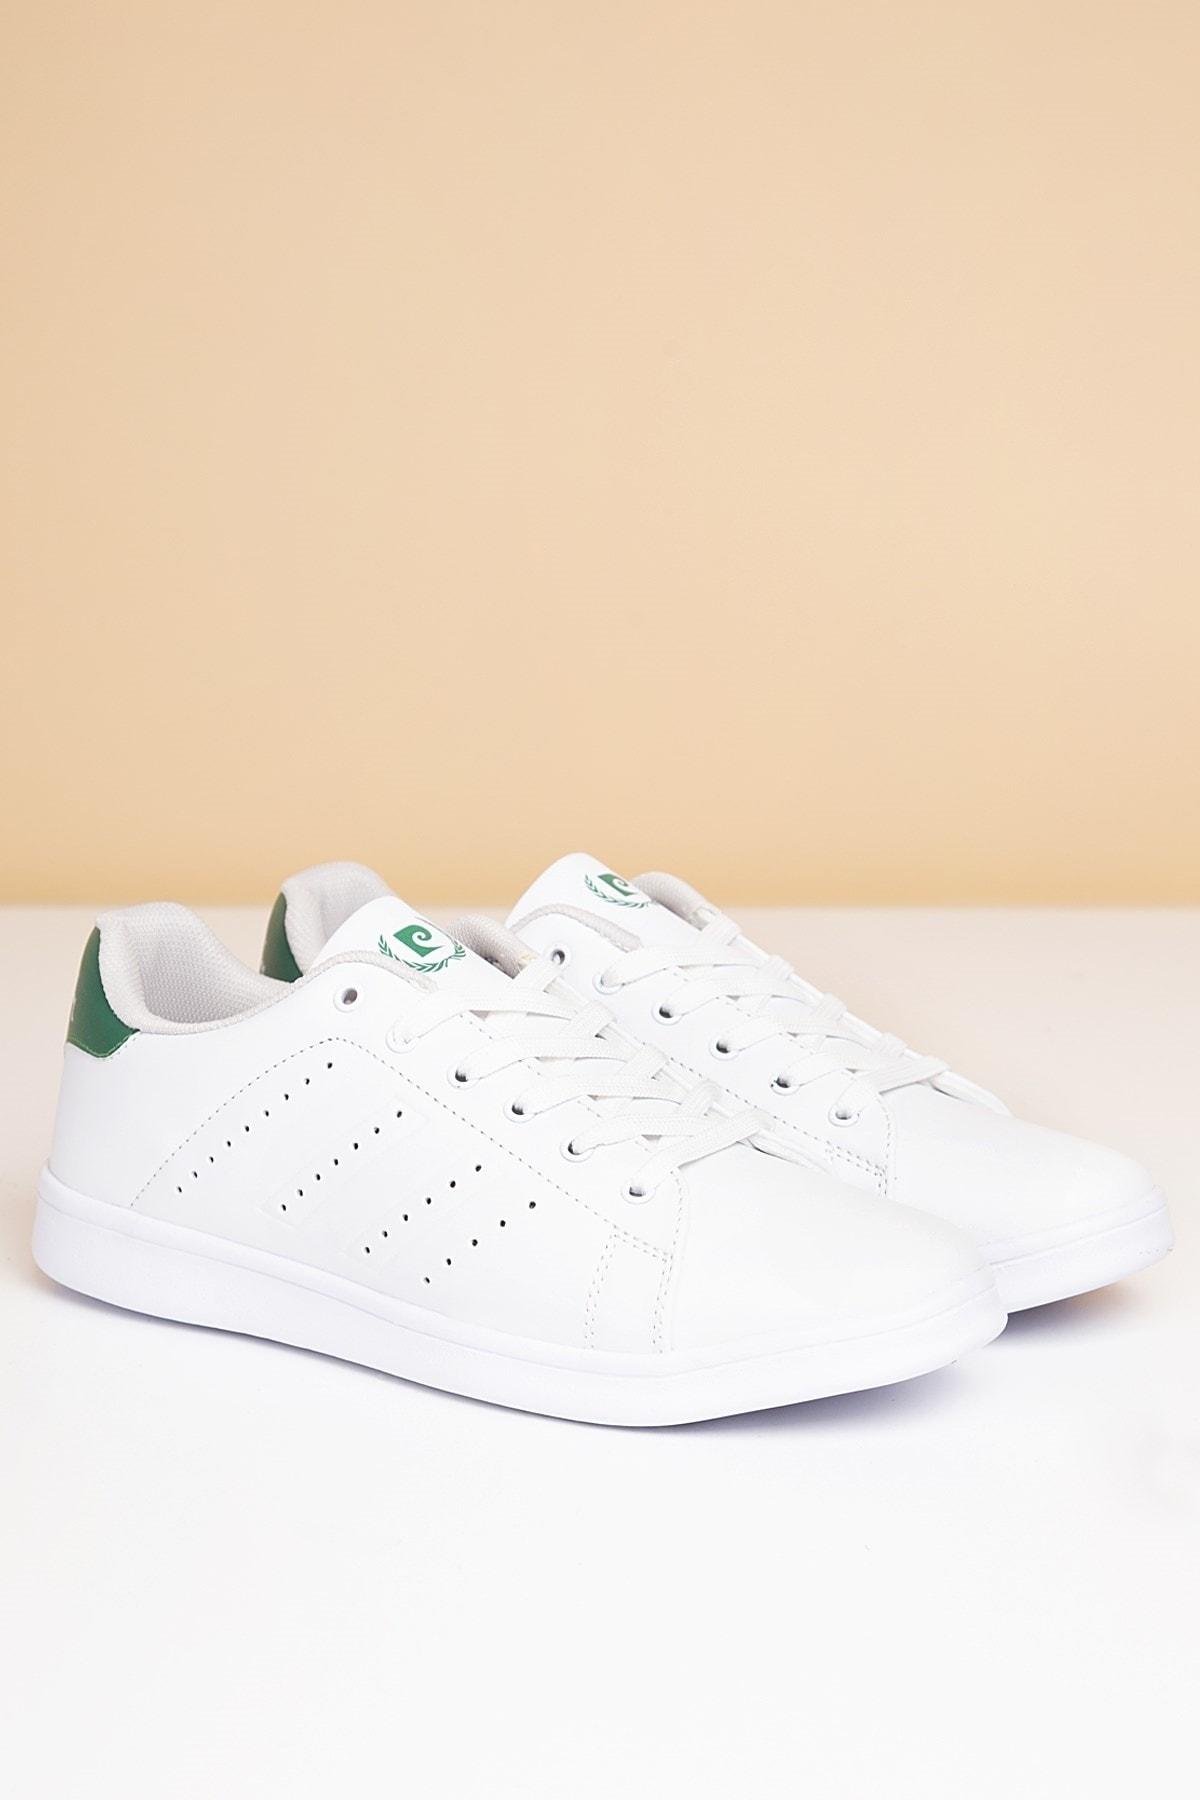 Pierre Cardin Erkek Günlük Spor Ayakkabı-Beyaz-Yesil PCS-10152 1